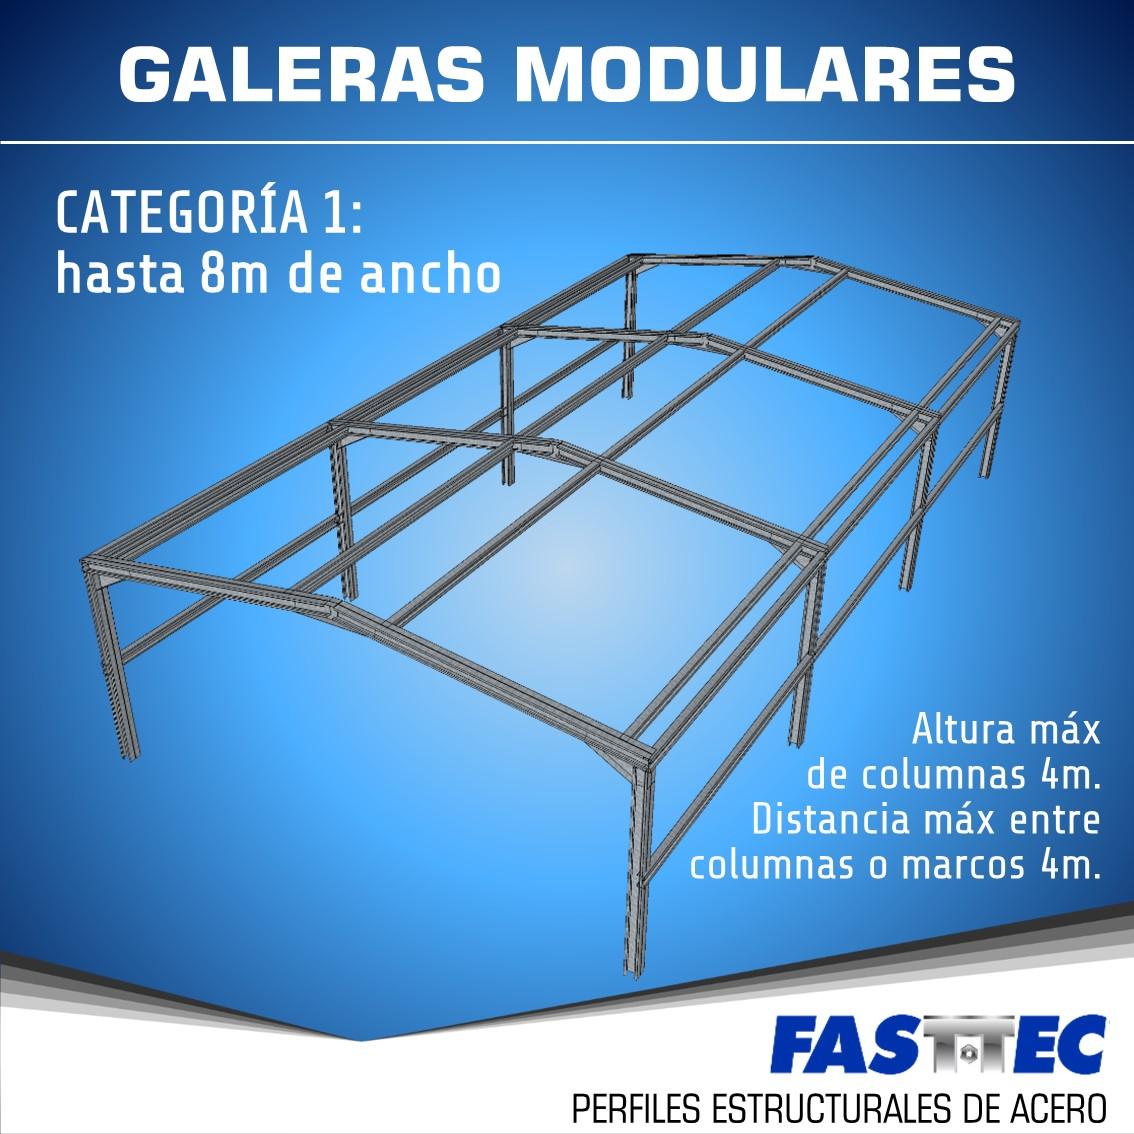 Galeras modulares